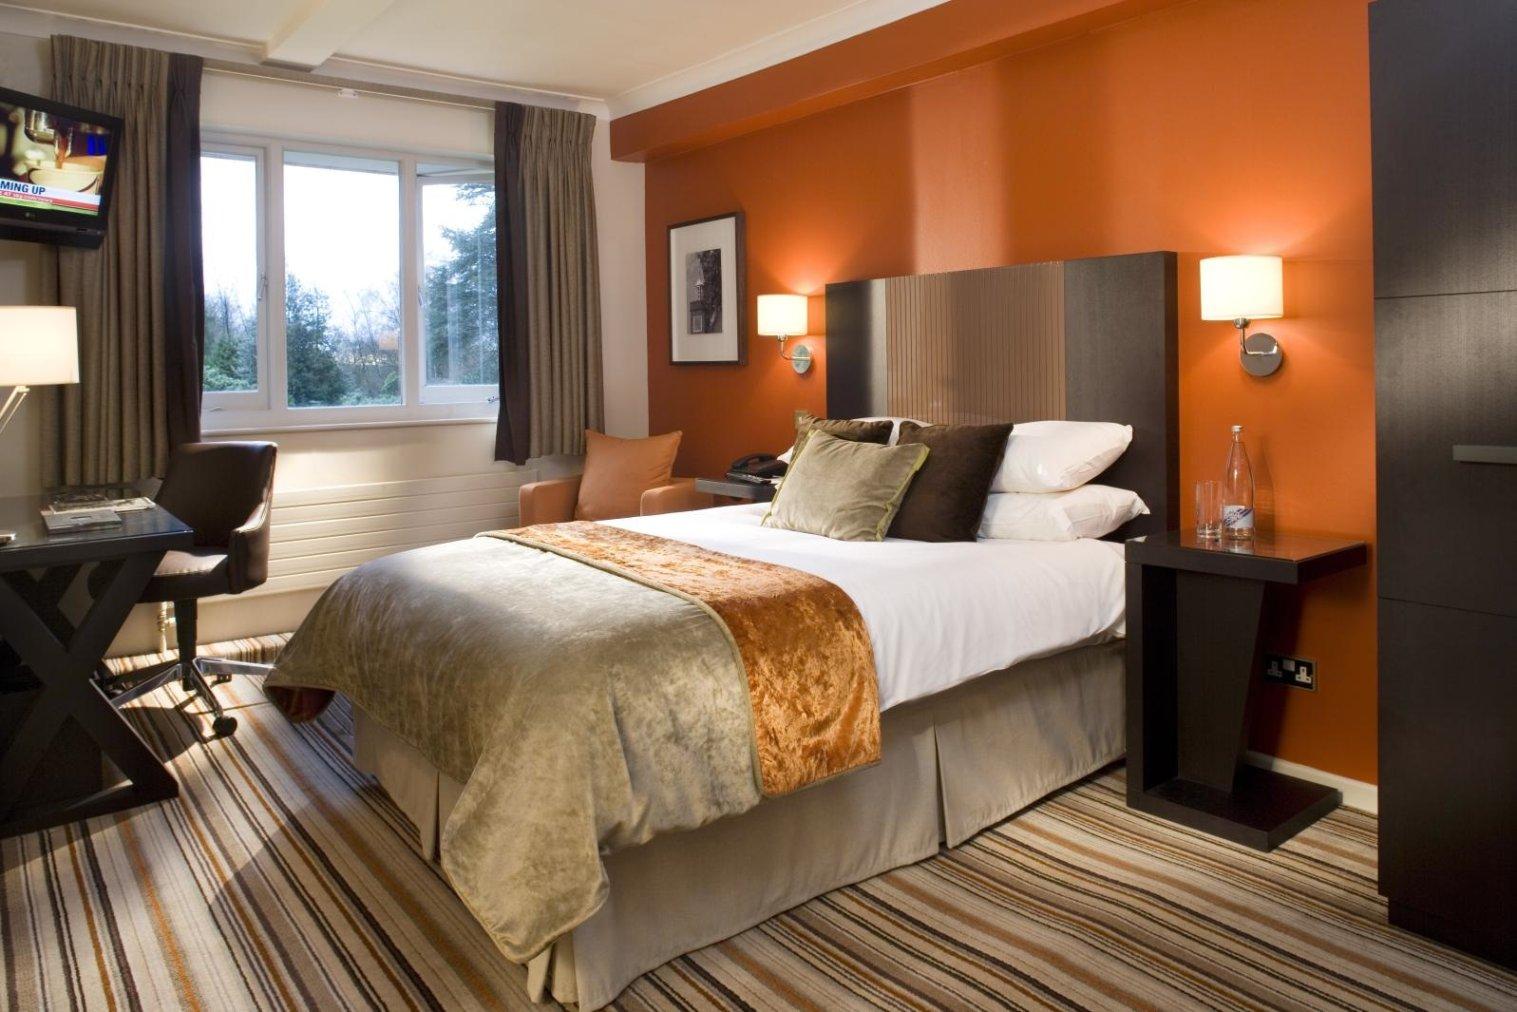 bedroom color ideas photo - 1